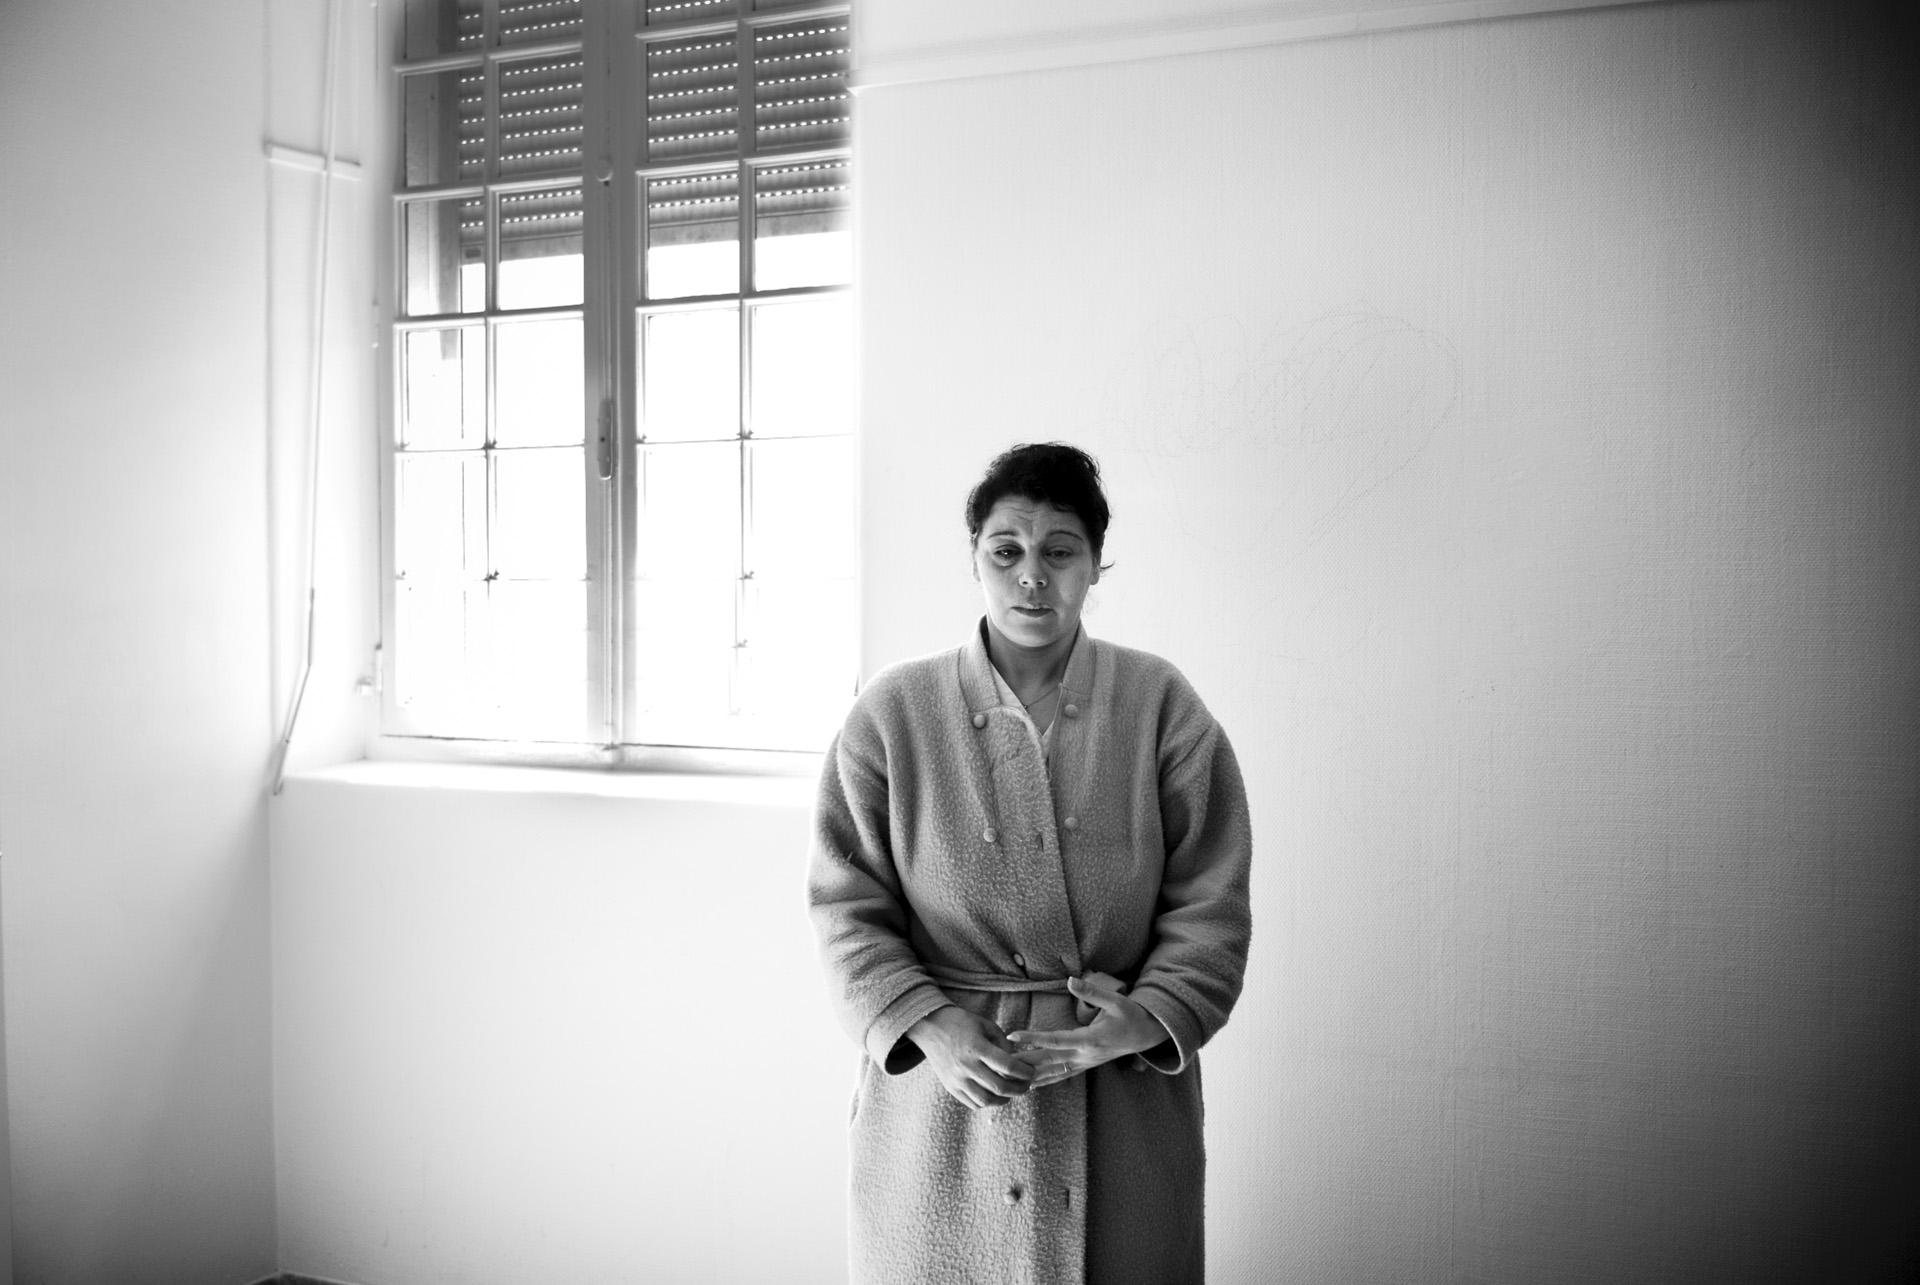 COMMUNIQUE  Mme Terfas Aïcha, après 2 jours de rétention, fini à l'hôpital aux urgences psychiatriques. Mme  Terfas est une petite dame toute fluette, jolie et discrète, à vue d'œil une cinquantaine d'années, à vue d'œil bien entourée, à vue d'œil sans histoire. Sauf qu'elle n'a que 37 ans, qu'elle a été abandonnée par ses parents, qu'elle n'est entourée que de médecins, qu'elle vient de passer deux jours en centre de rétention administrative, et que si elle sourit aujourd'hui, c'est de gêne et de timidité parce que que c'est la première fois de sa vie qu'elle ose demander de l'aide.  Mme Terfas est née en Algérie, son père l'a abandonnée et sa mère est morte lorsqu'elle avait 8 ans, elle a grandit et trouvé sa place dans un foyer qui a été détruit par les inondations de 2001.Elle est arrivée en France en 2002 avec son mari.Il a une carte de résident de 10 ans. Mme Terfas est restée sur le territoire français en toute légalité jusqu'en 2007.Elle a du subir de nombreuses hospitalisations suite à une fausse couche et des infections graves. A peine remise de sa deuxième opération, on lui a signifié qu'elle entrait dans l'illégalité par un refus de reconduite du titre de séjour et une Obligation de Quitter le Territoire Français remise le 03/09/2007.Son avocat, M. Uroz, a fait toutes les démarches nécessaires afin de s'y opposer.Mais les mesures d'éloignement ont été mises à exécution avant même le jugement au tribunal.La Police de l'Air et des Frontières est venue la chercher ce 10 avril 2008 au petit matin .Ou plutôt une femme en civil a sonné à sa porte. Des policiers se sont engouffrés.Ils ont fouillé chez elle, ils lui ont à peine laissé le temps de s'habiller, ils l'ont molestée, l'ont embarquée, et ne lui ont laissée aucune chance de comprendre ce qui lui arrivait.Lorsque Mme Terfas est passée devant le juge des libertés, elle tenait à peine debout, elle s'exprimait difficilem